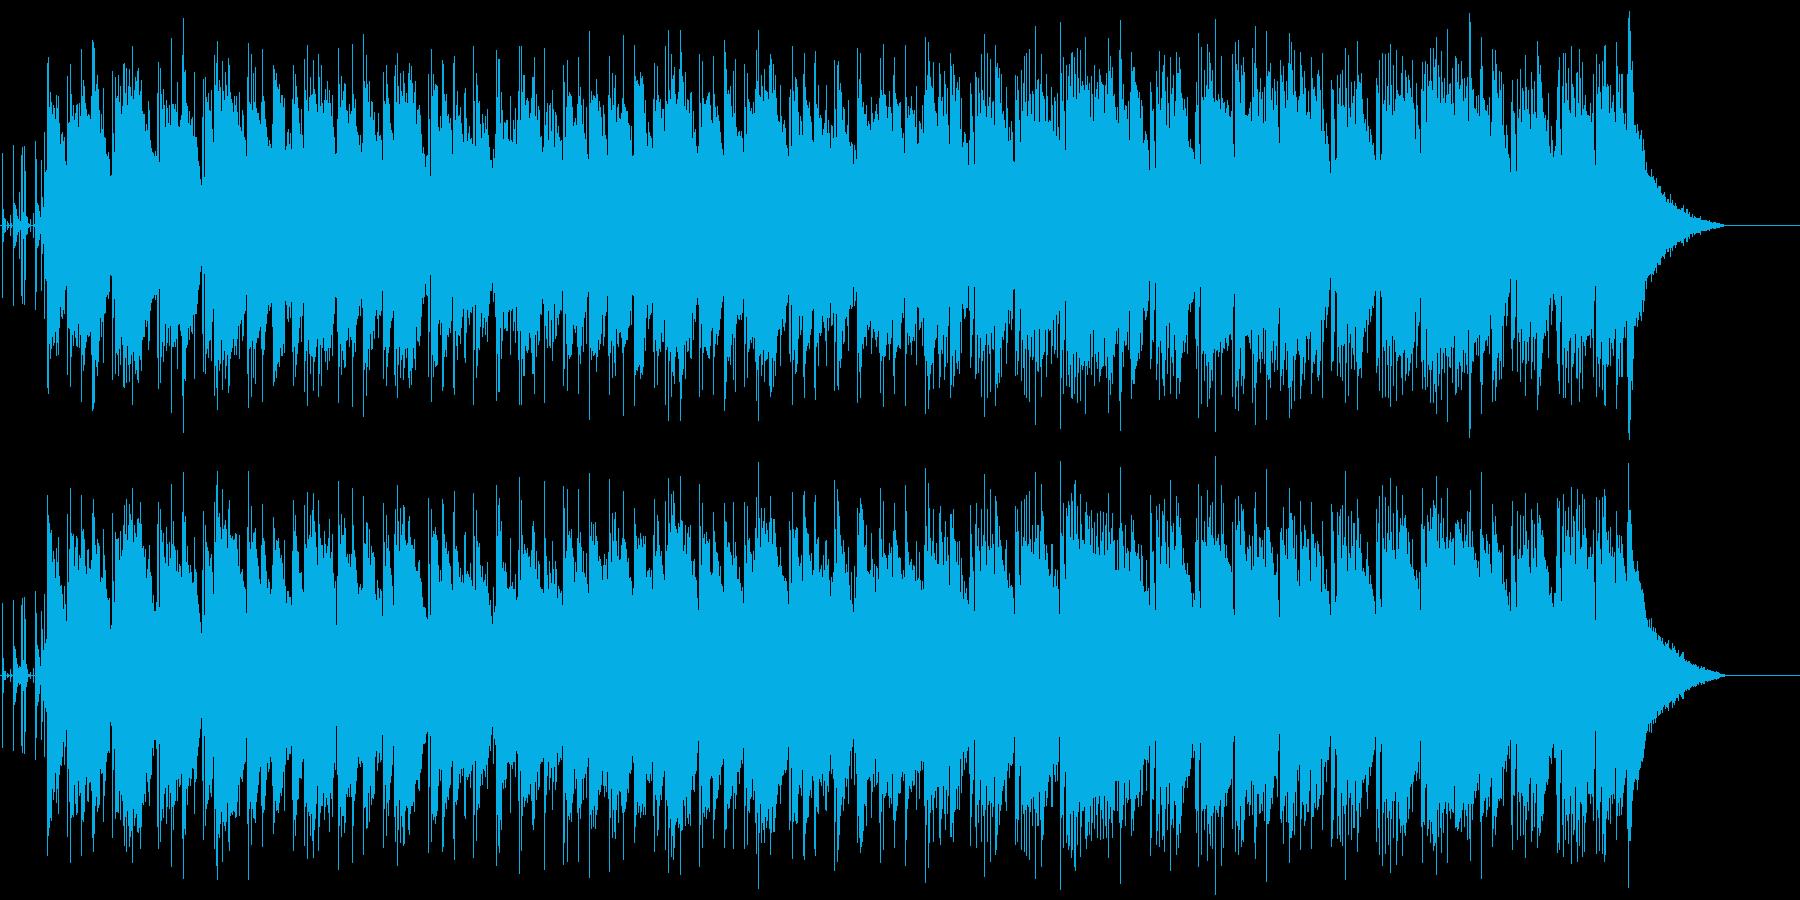 ハートをしめつける繊細なラヴ・バラードの再生済みの波形